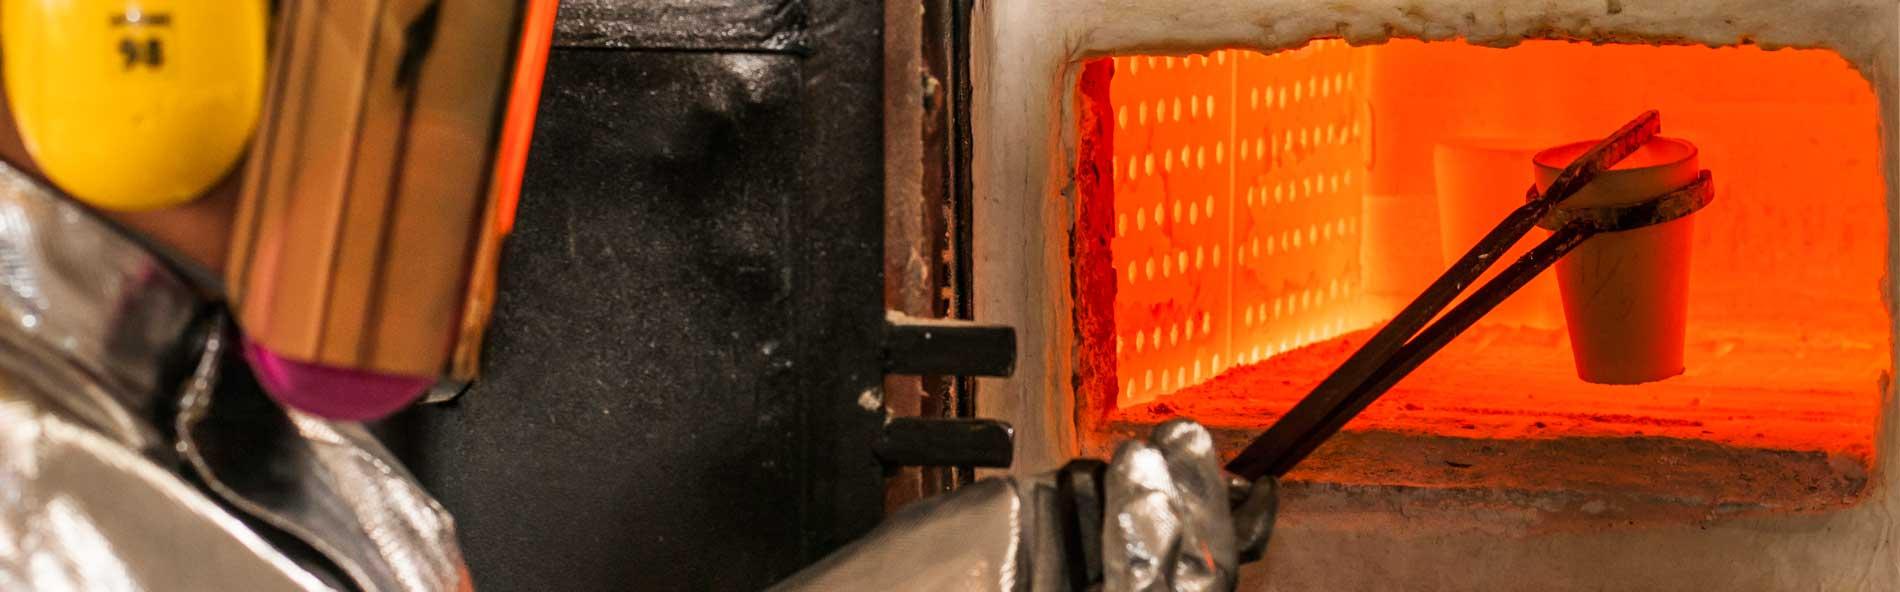 Ensayos-metalurgicos